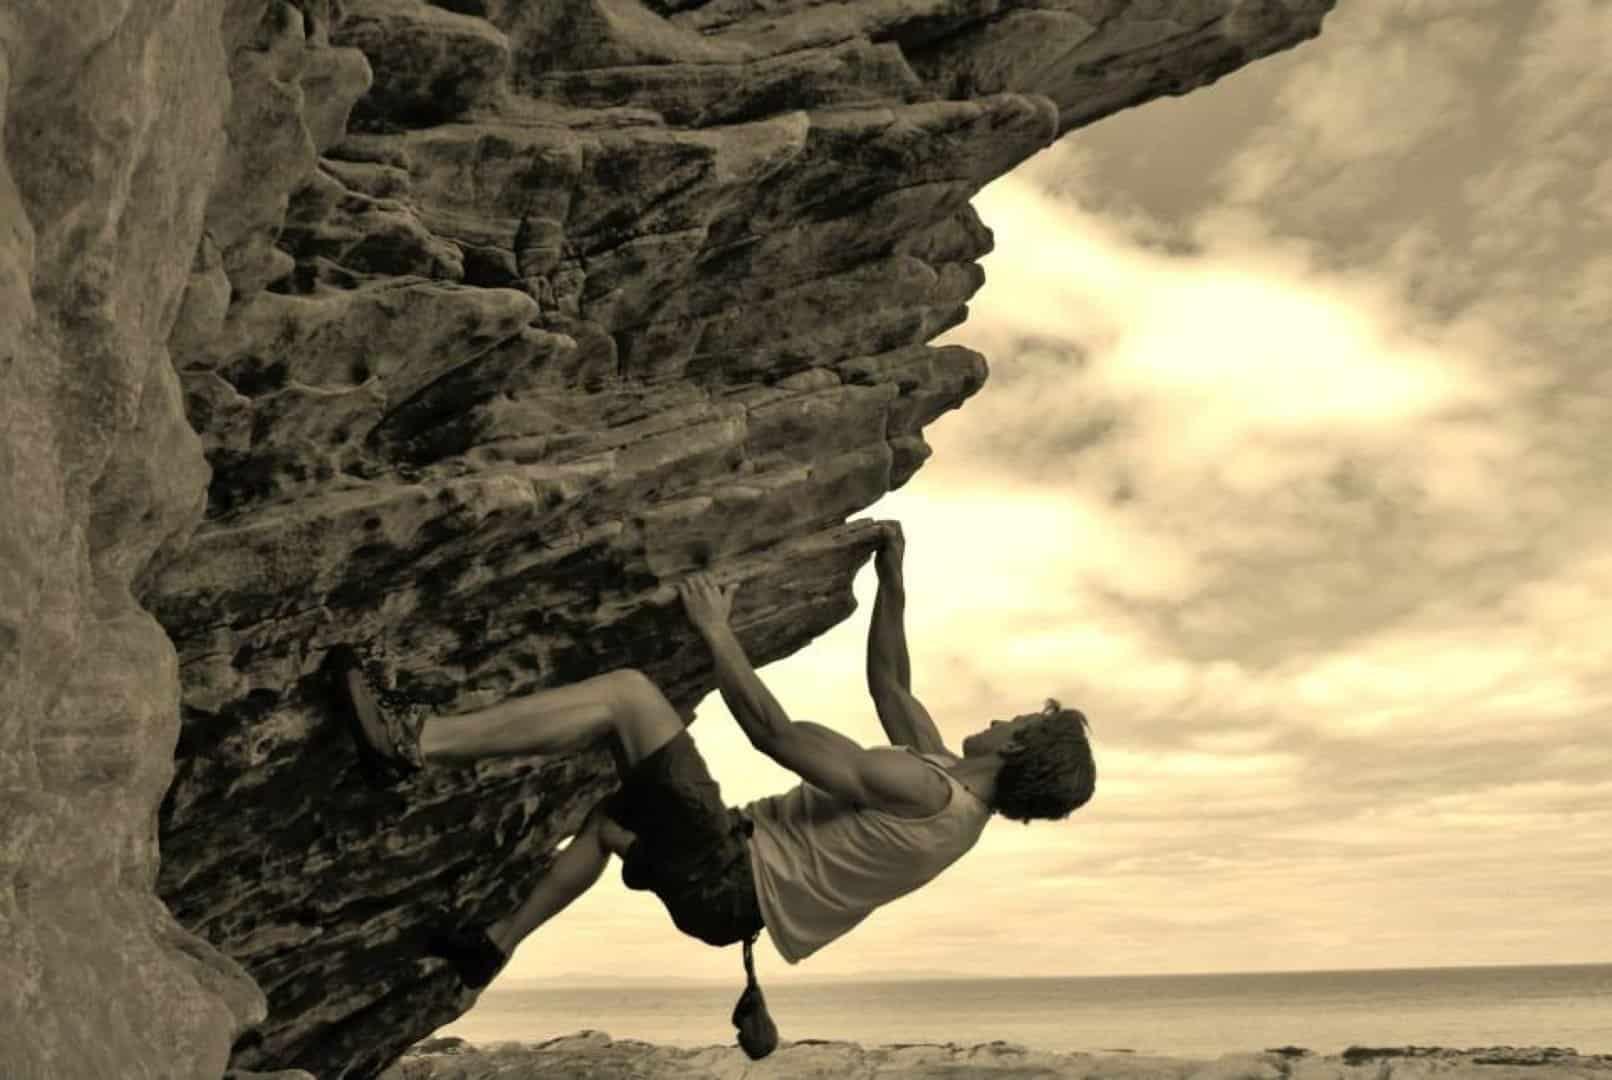 Outdoor bouldering climbing